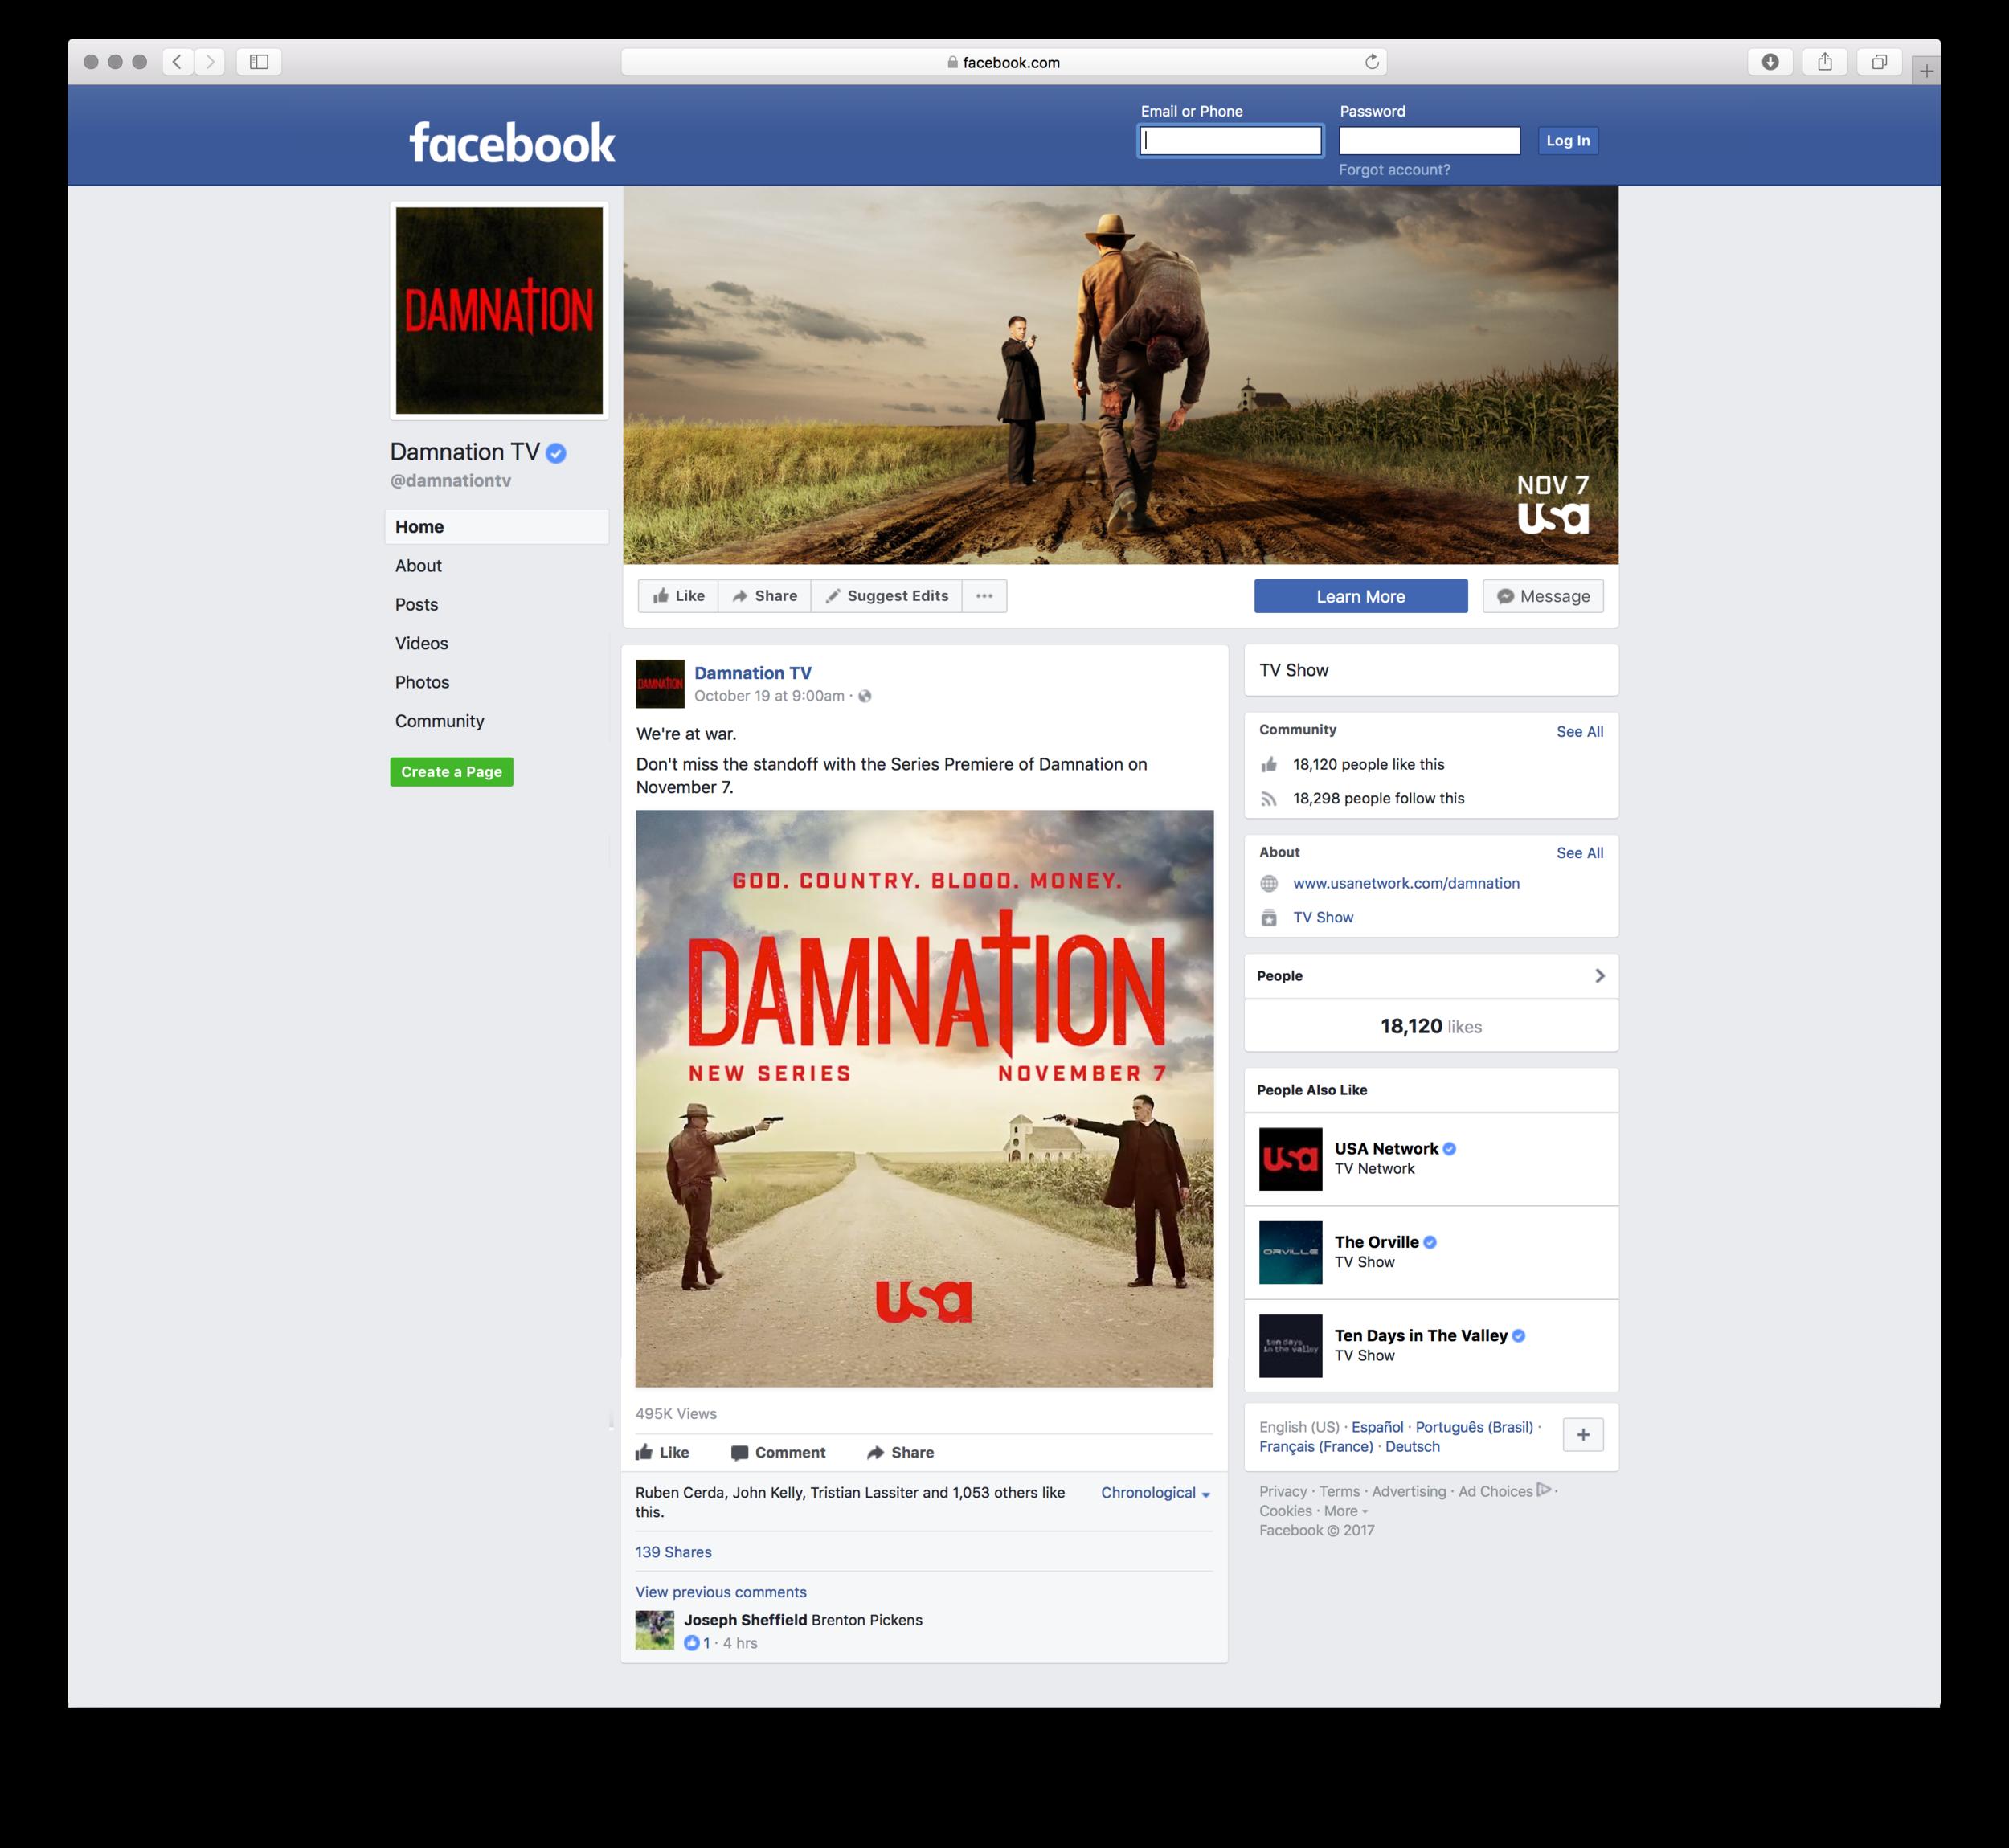 DamnationFB-1.png